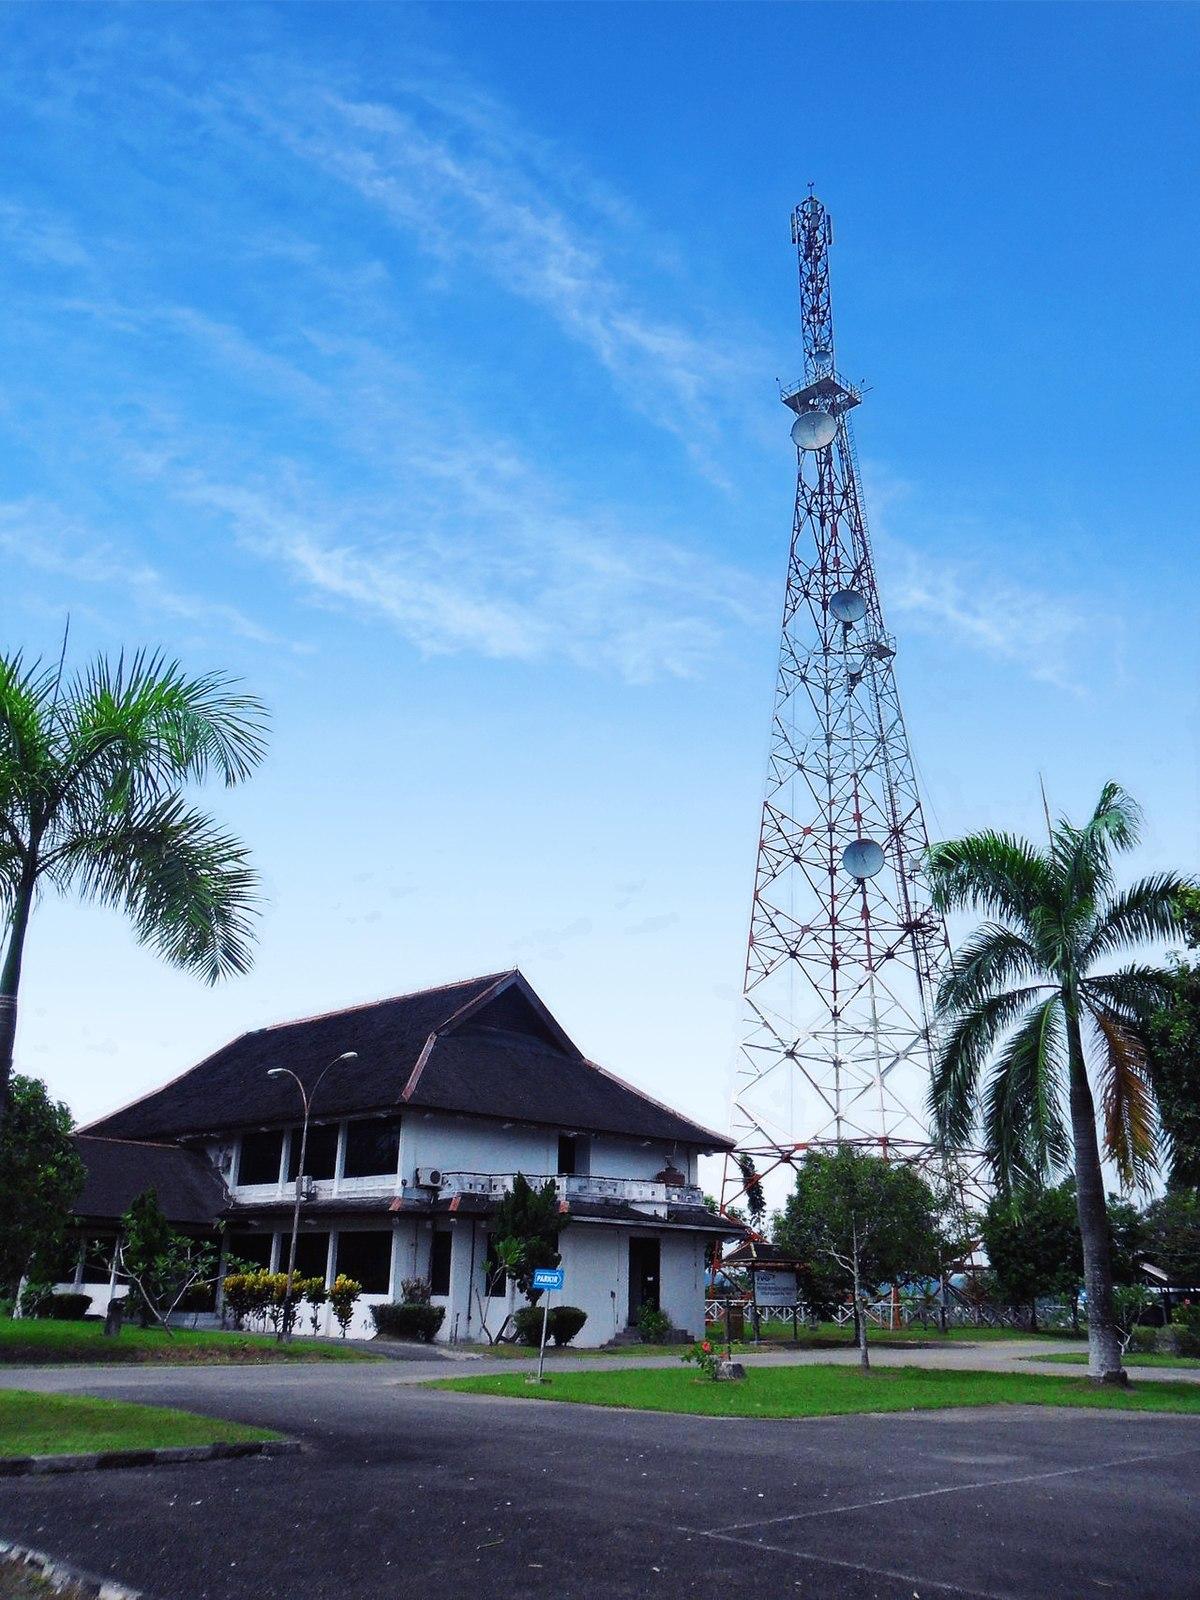 Penyiaran  Wikipedia bahasa Indonesia ensiklopedia bebas